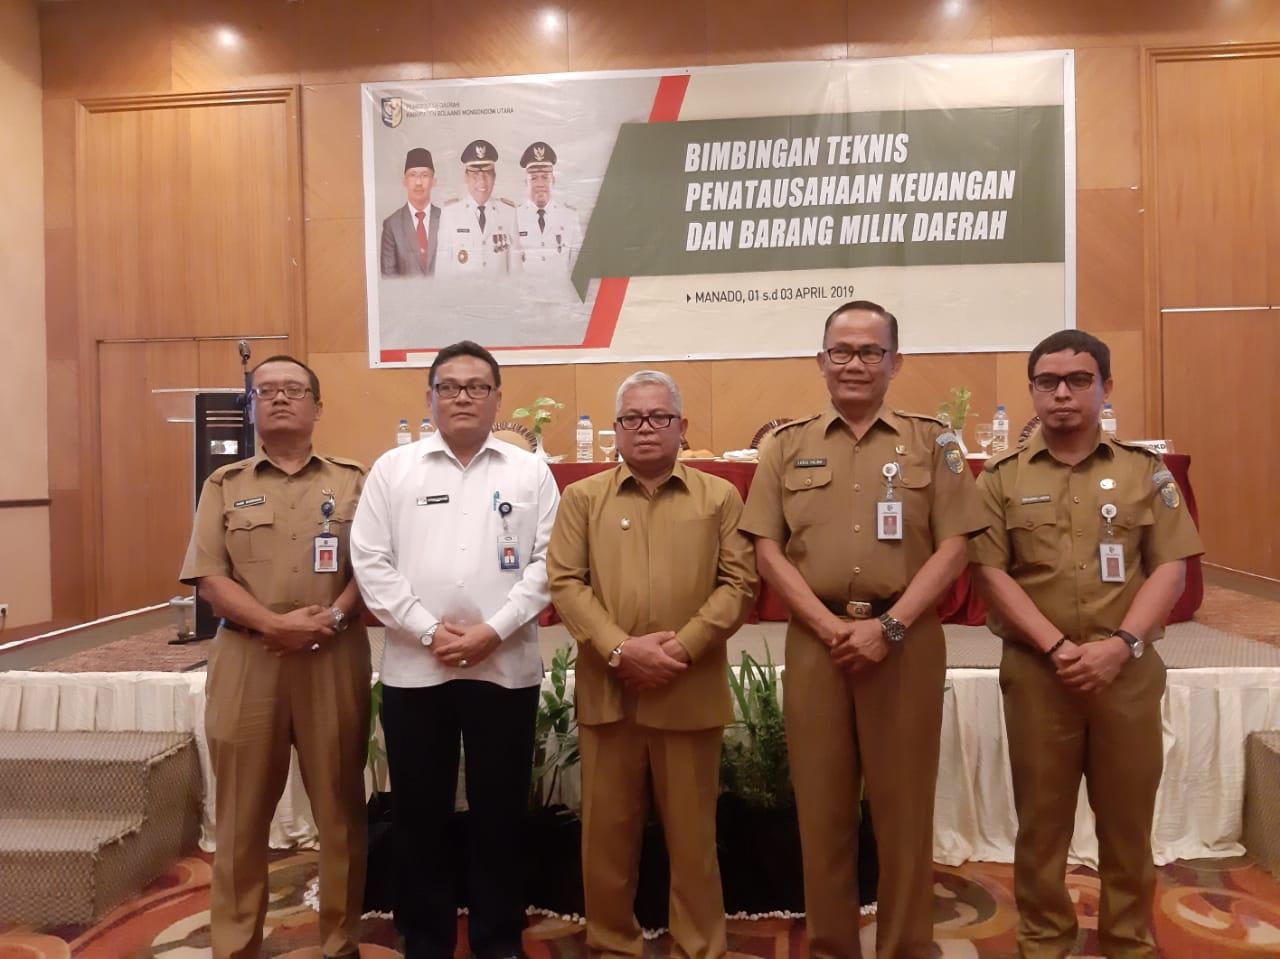 Wakil Bupati Bolmut Buka Bimtek Penatausahaan Keuangan dan BMD